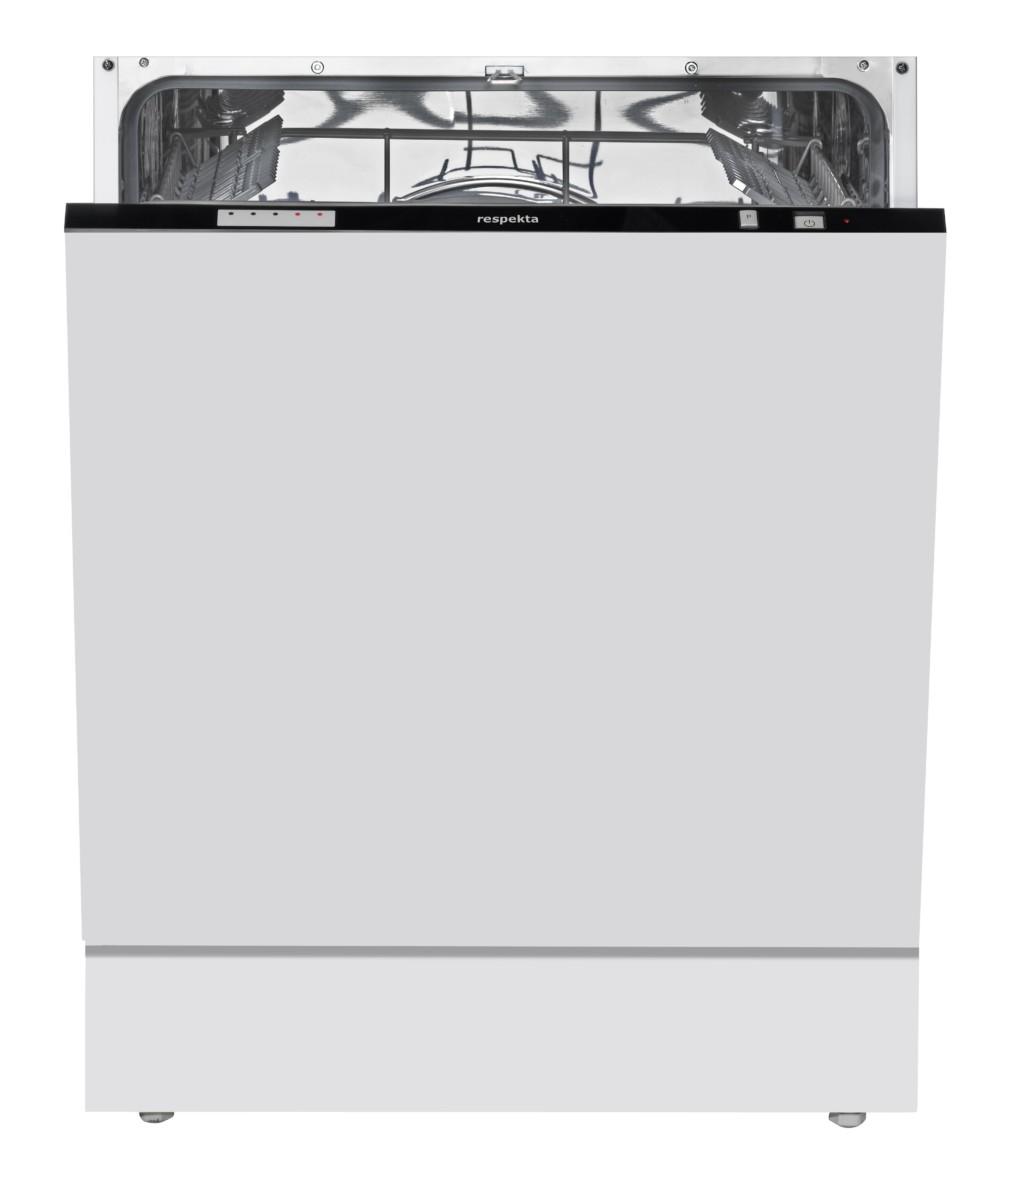 Lave vaisselle largeur 40 cm topiwall - Lave vaisselle 40 cm de large ...